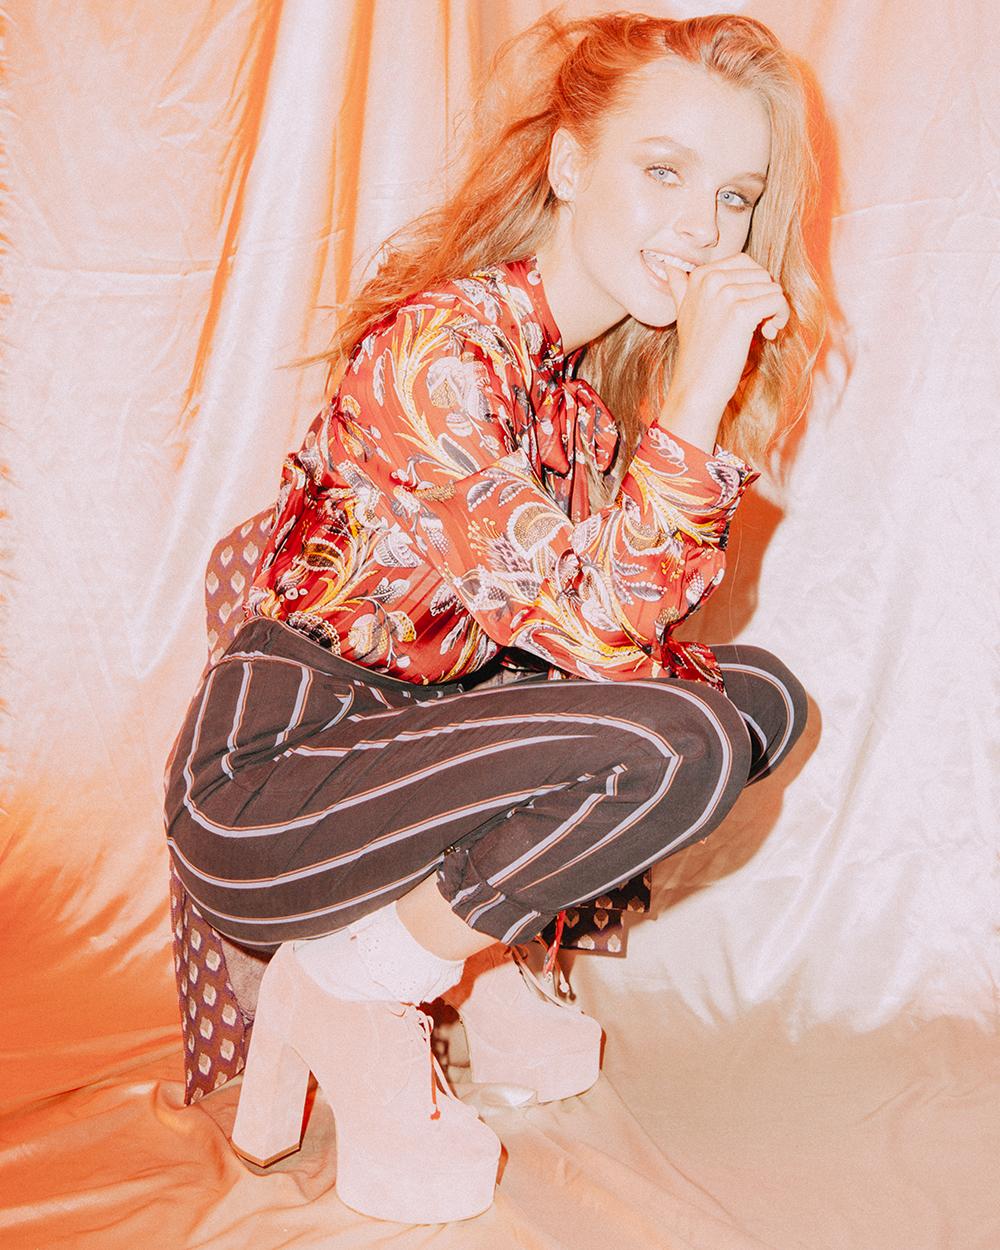 Olivia DeJonge x NYLON